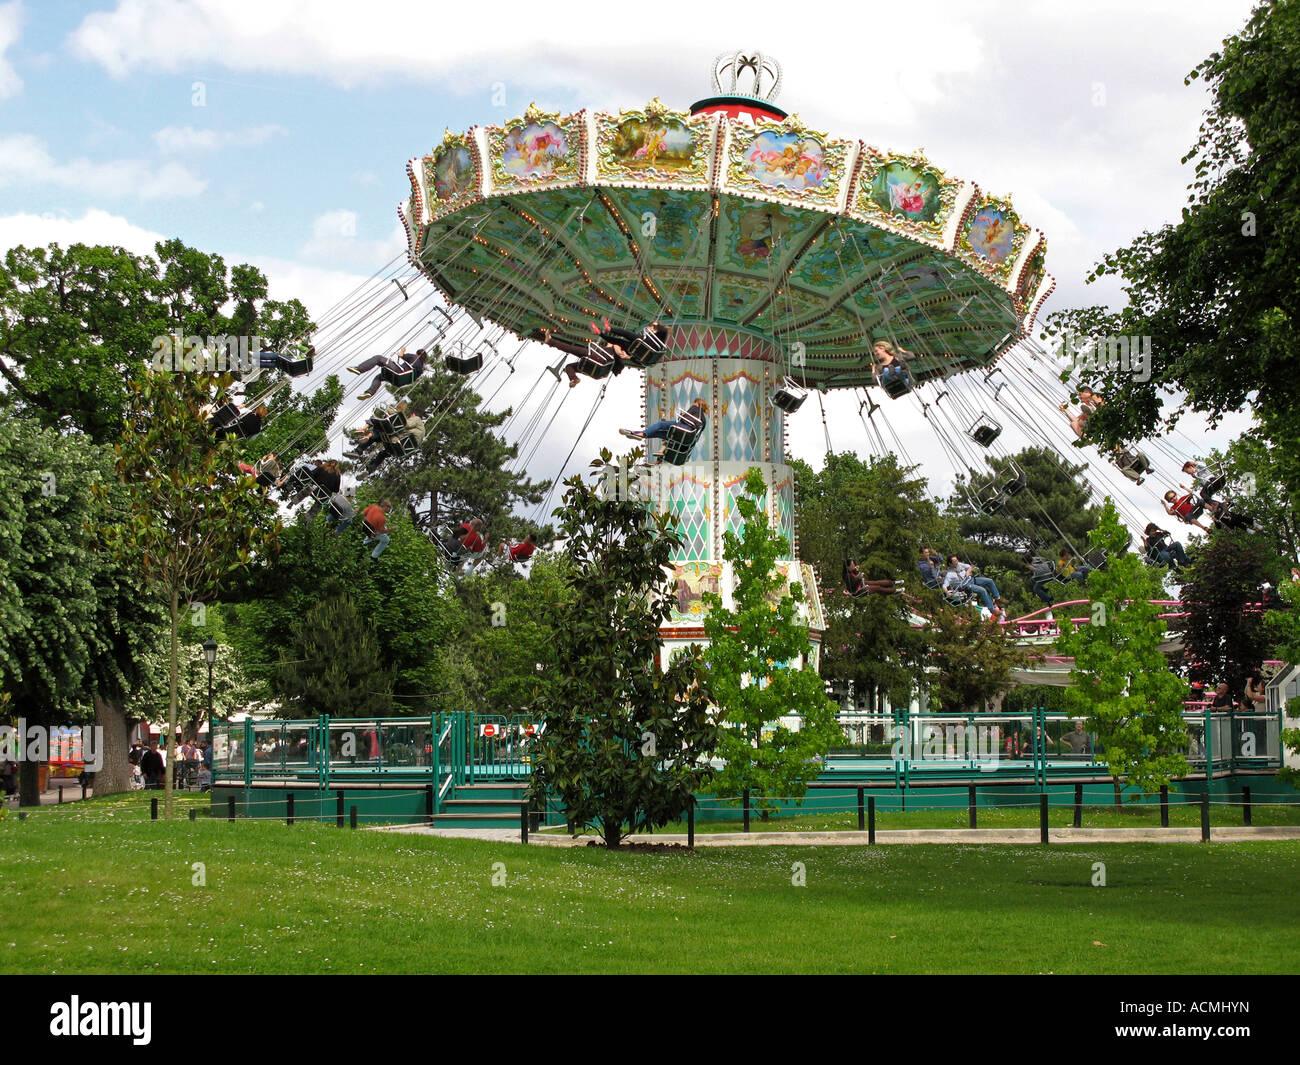 roundabout in le jardin d acclimatation paris france - Jardin D Acclimatation Paris